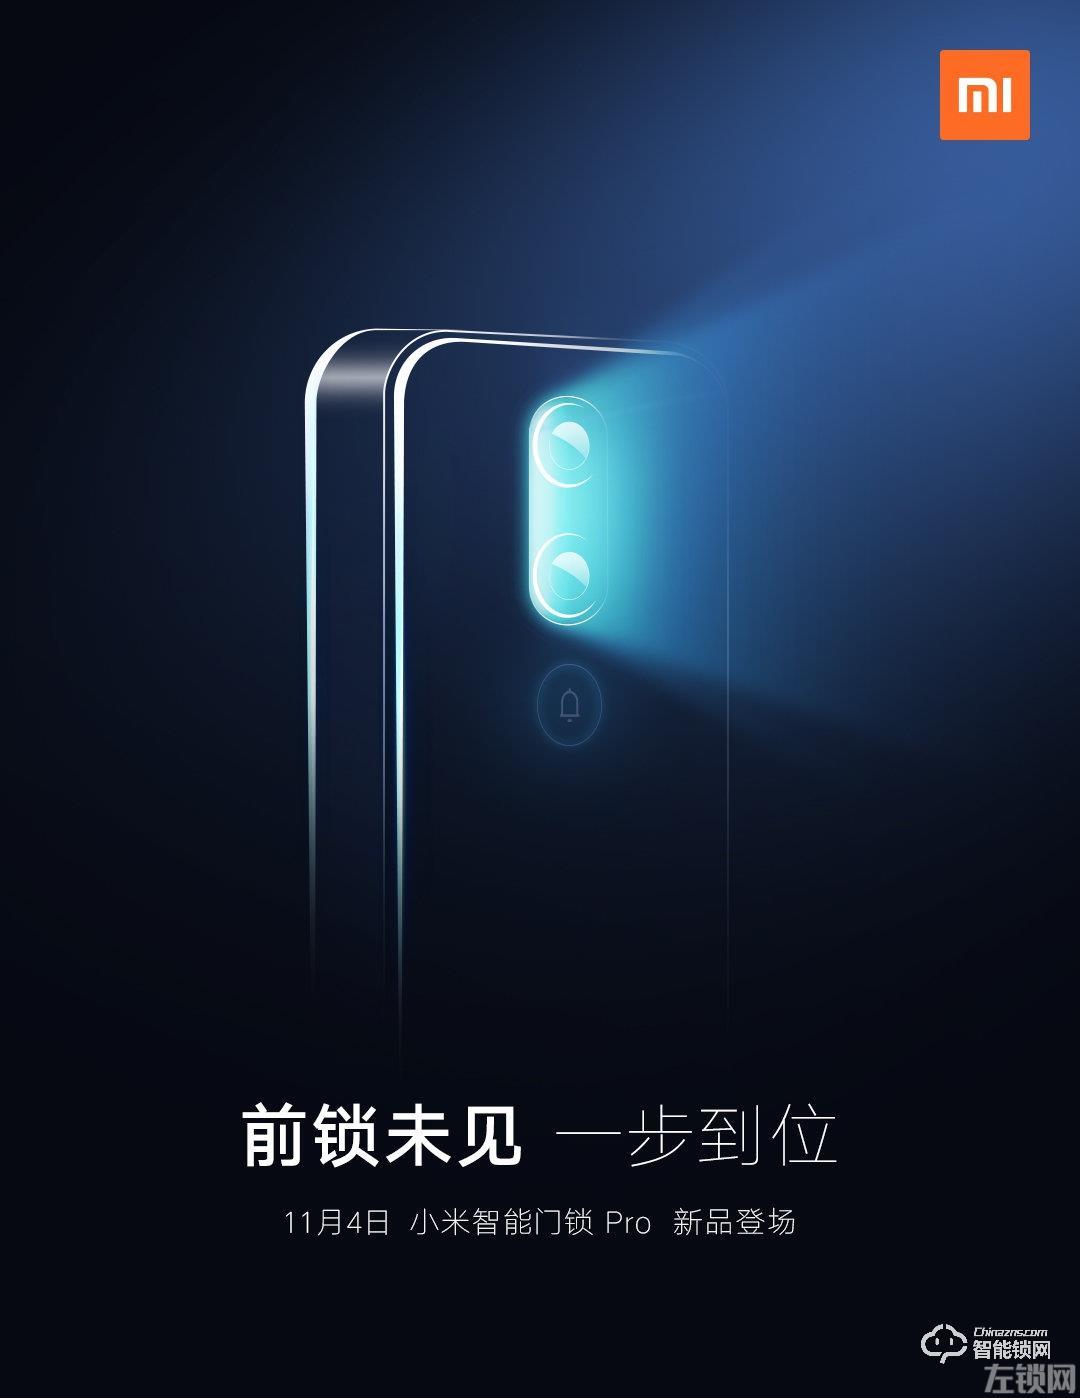 小米智能门锁Pro官宣,11月4日发布将搭载前置摄像头